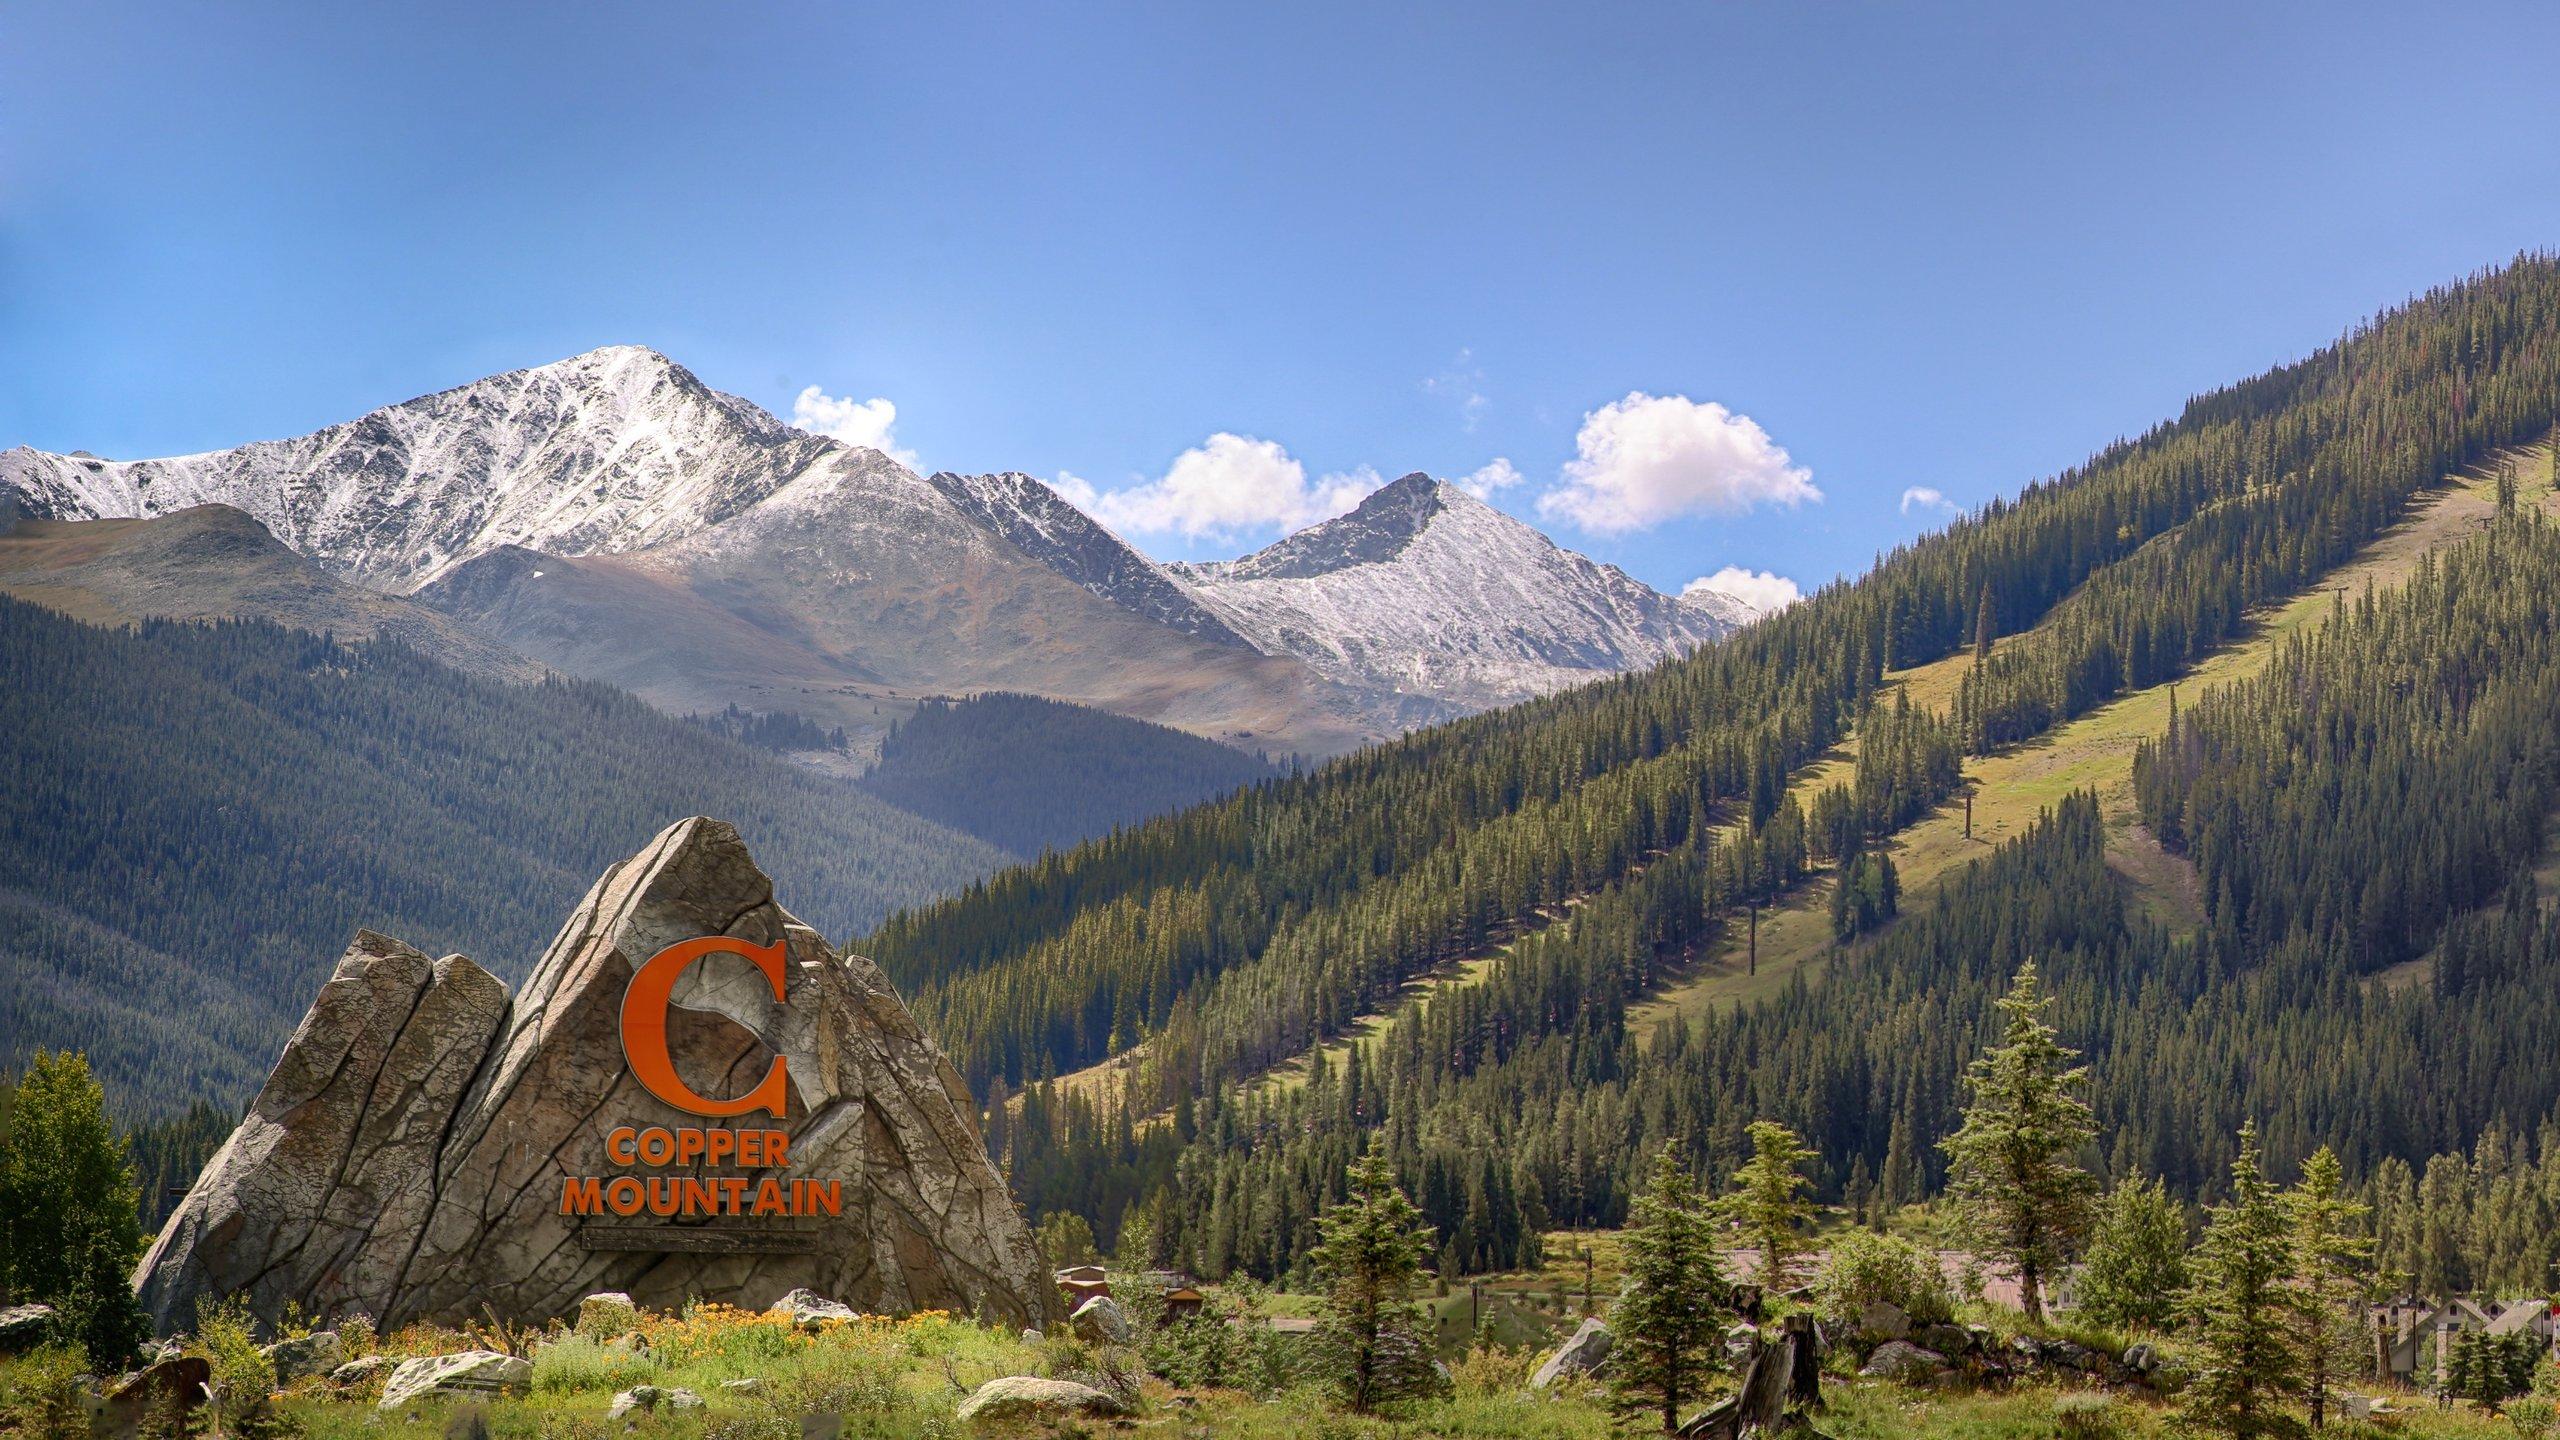 Copper Mountain, Colorado, United States of America